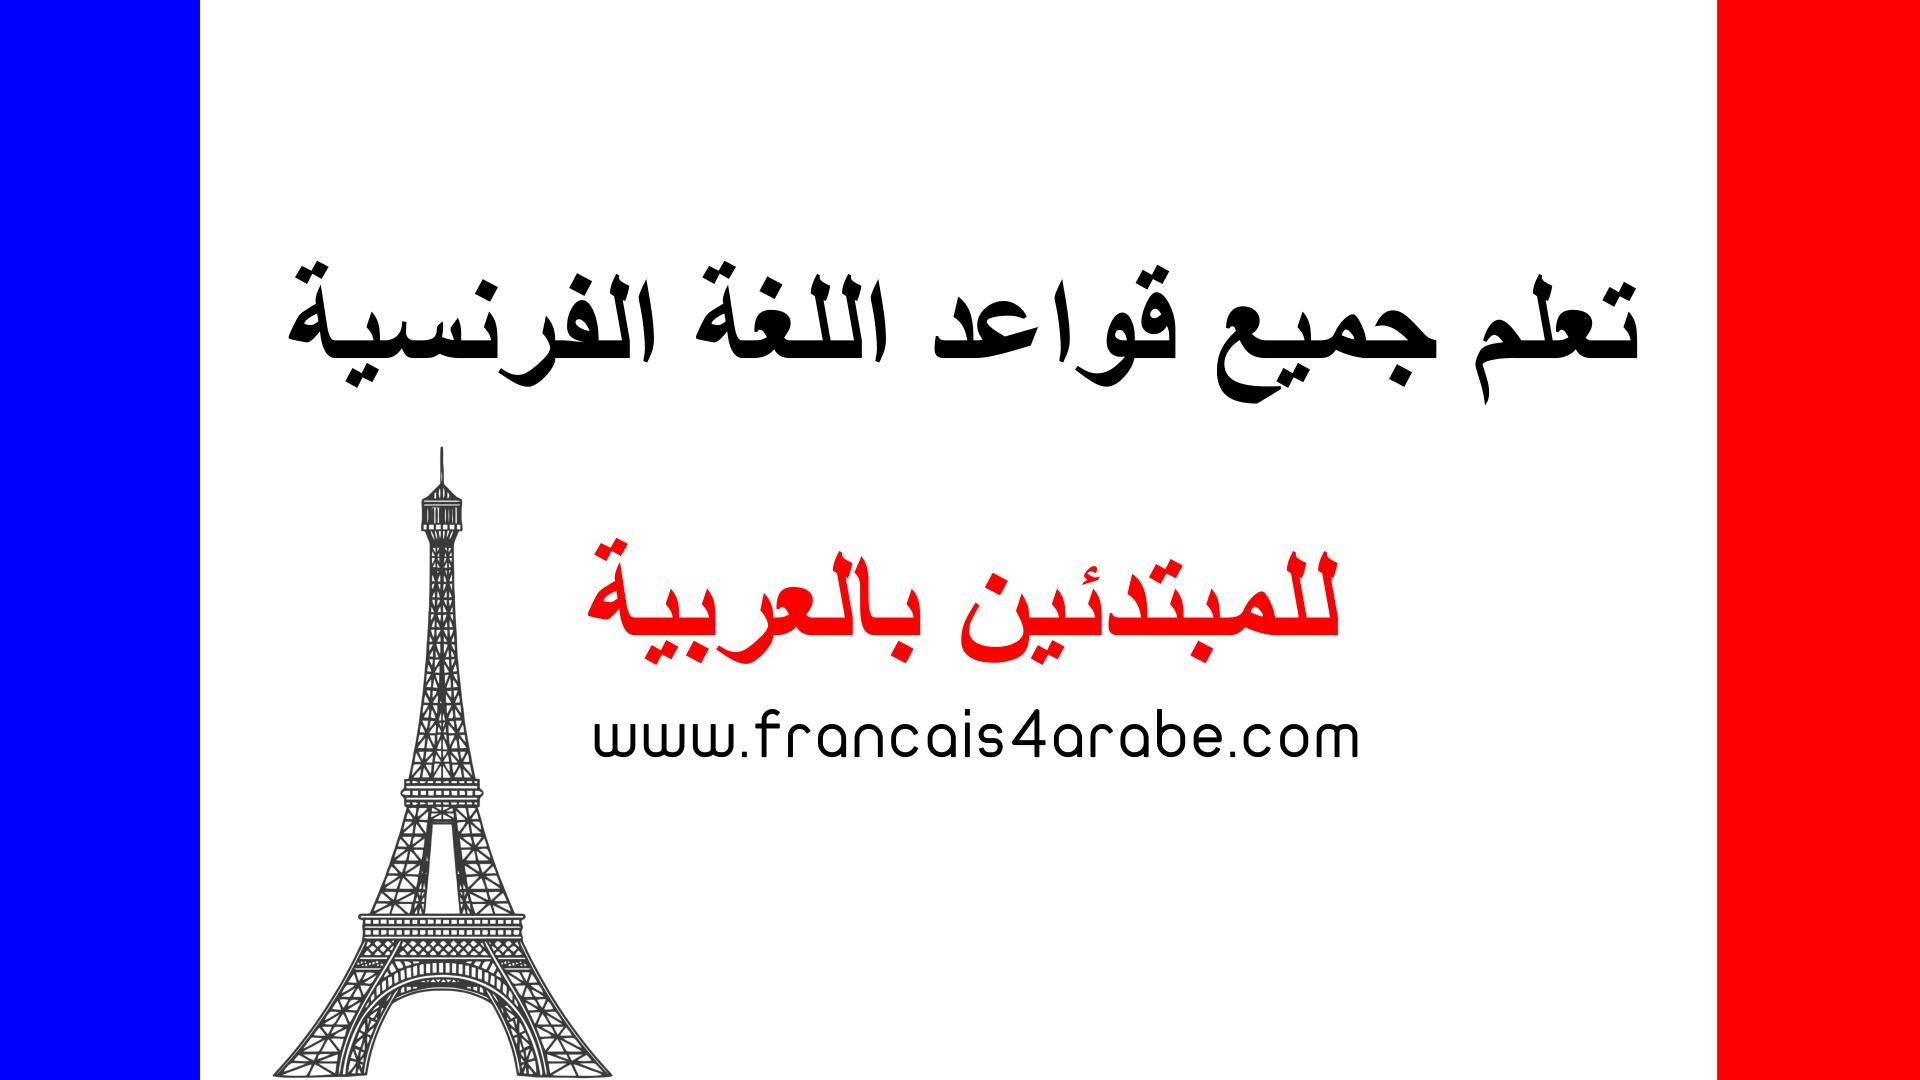 صور دروس اللغة الفرنسية , دروس لتعلم اللغة